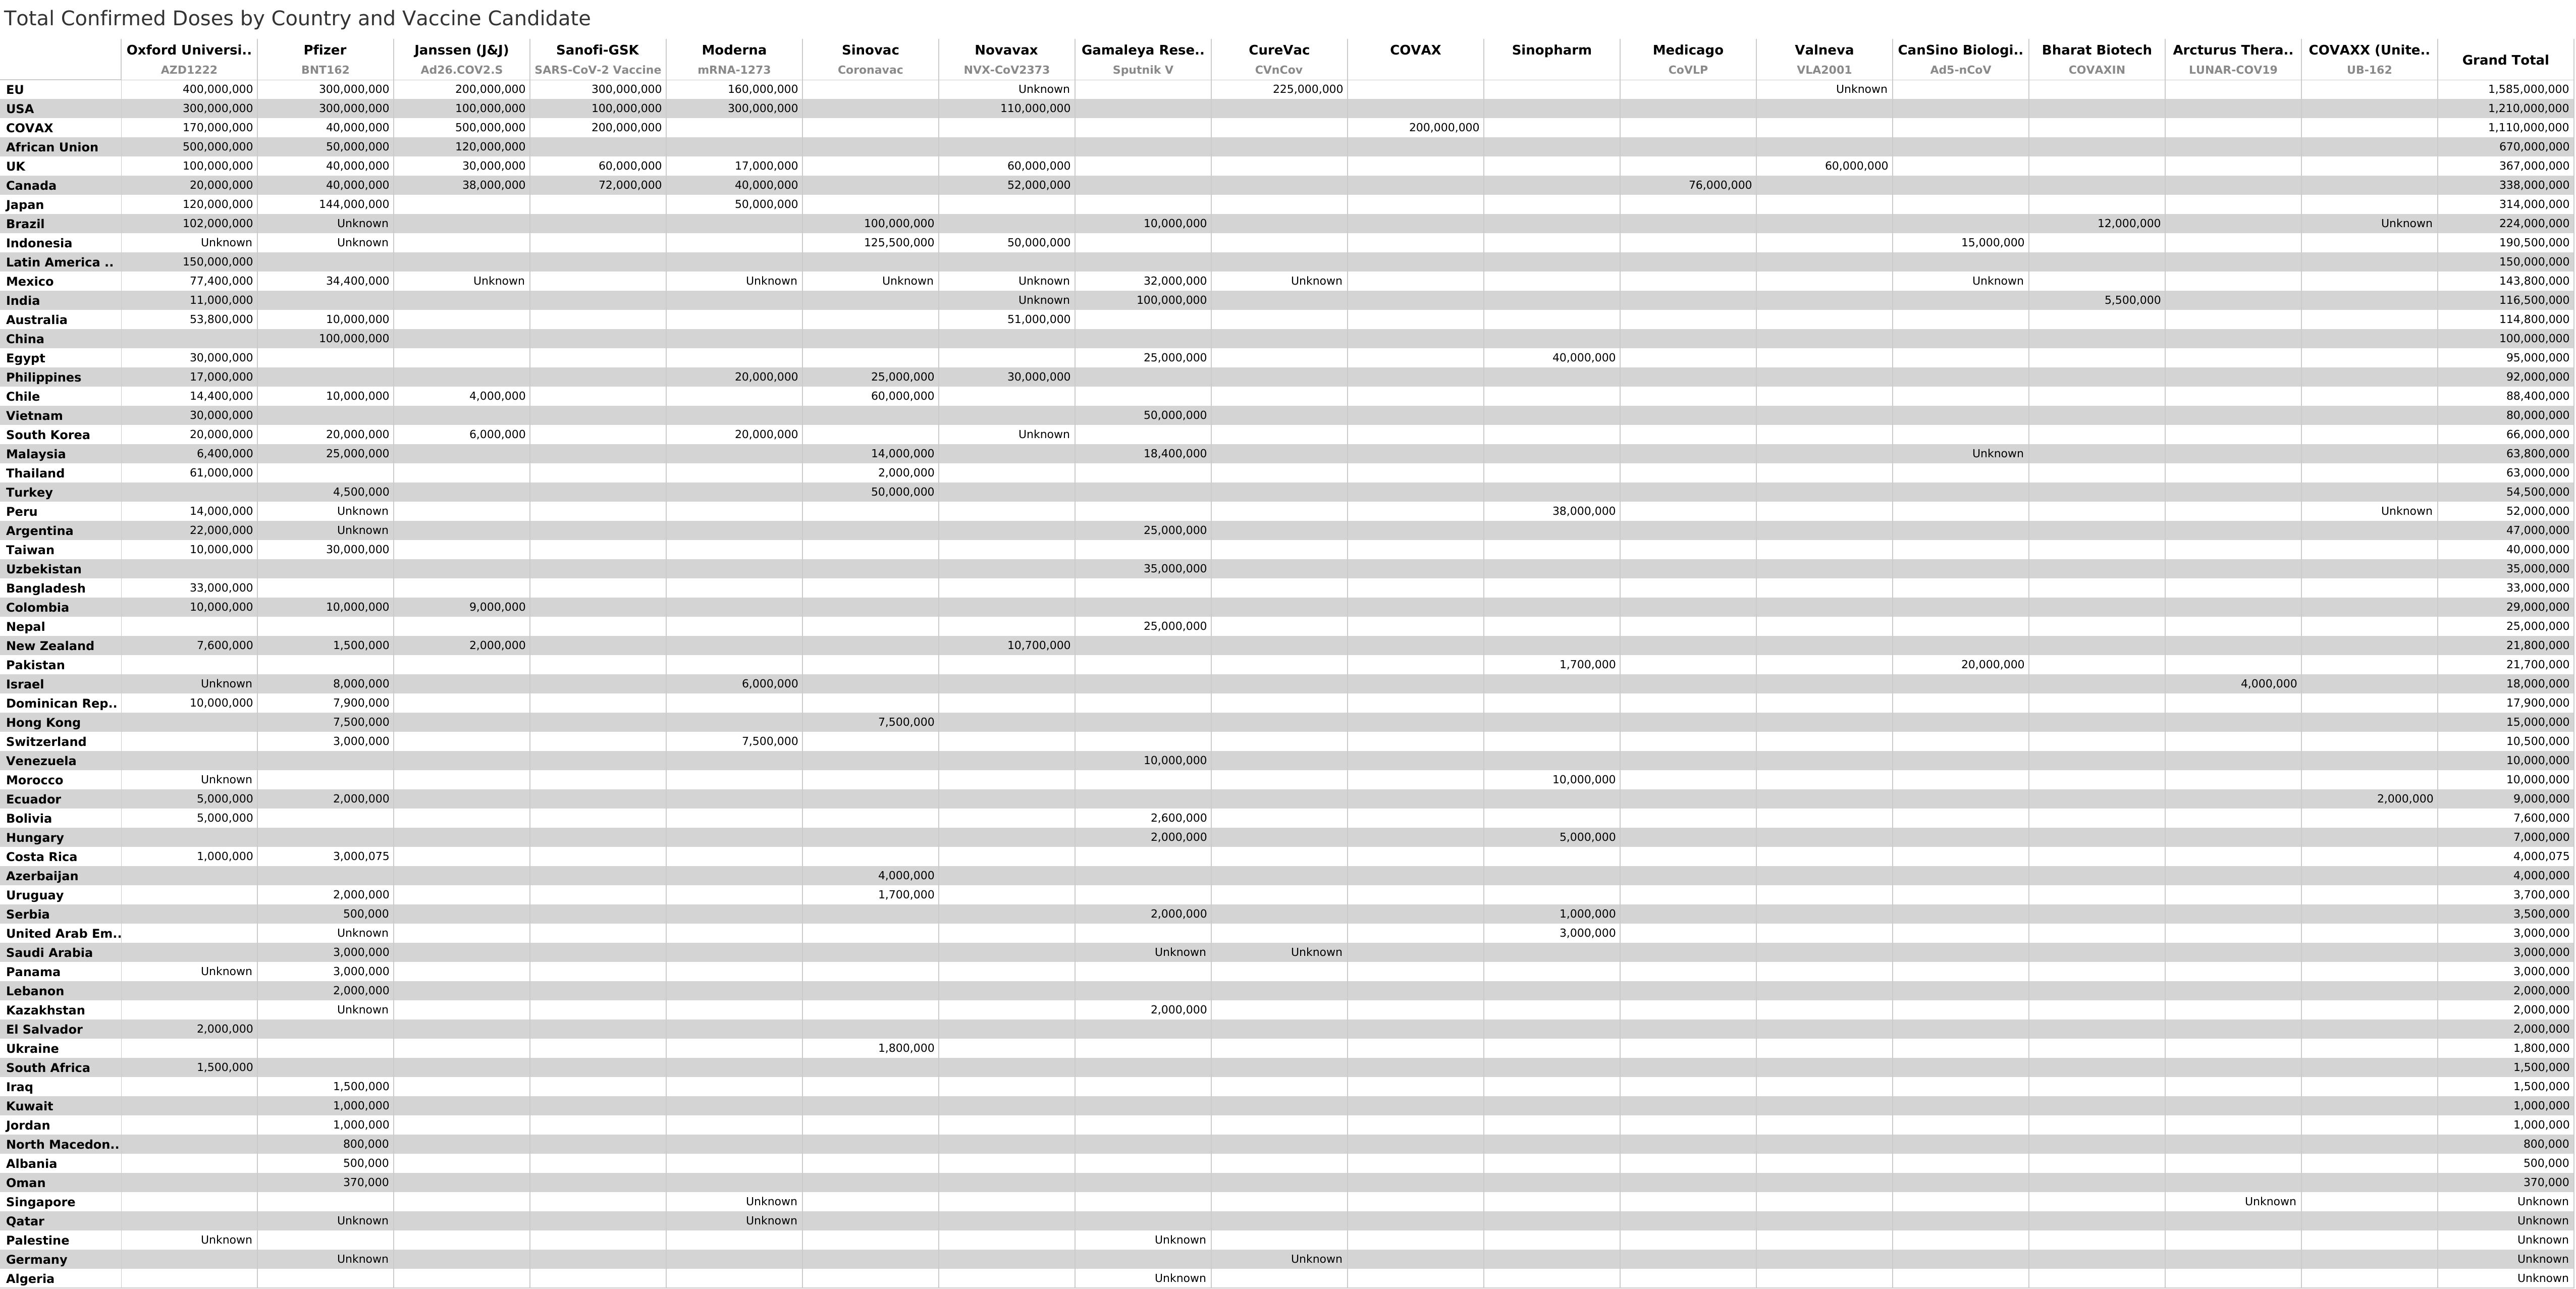 Dosis confirmadas por país + candidata a vacuna